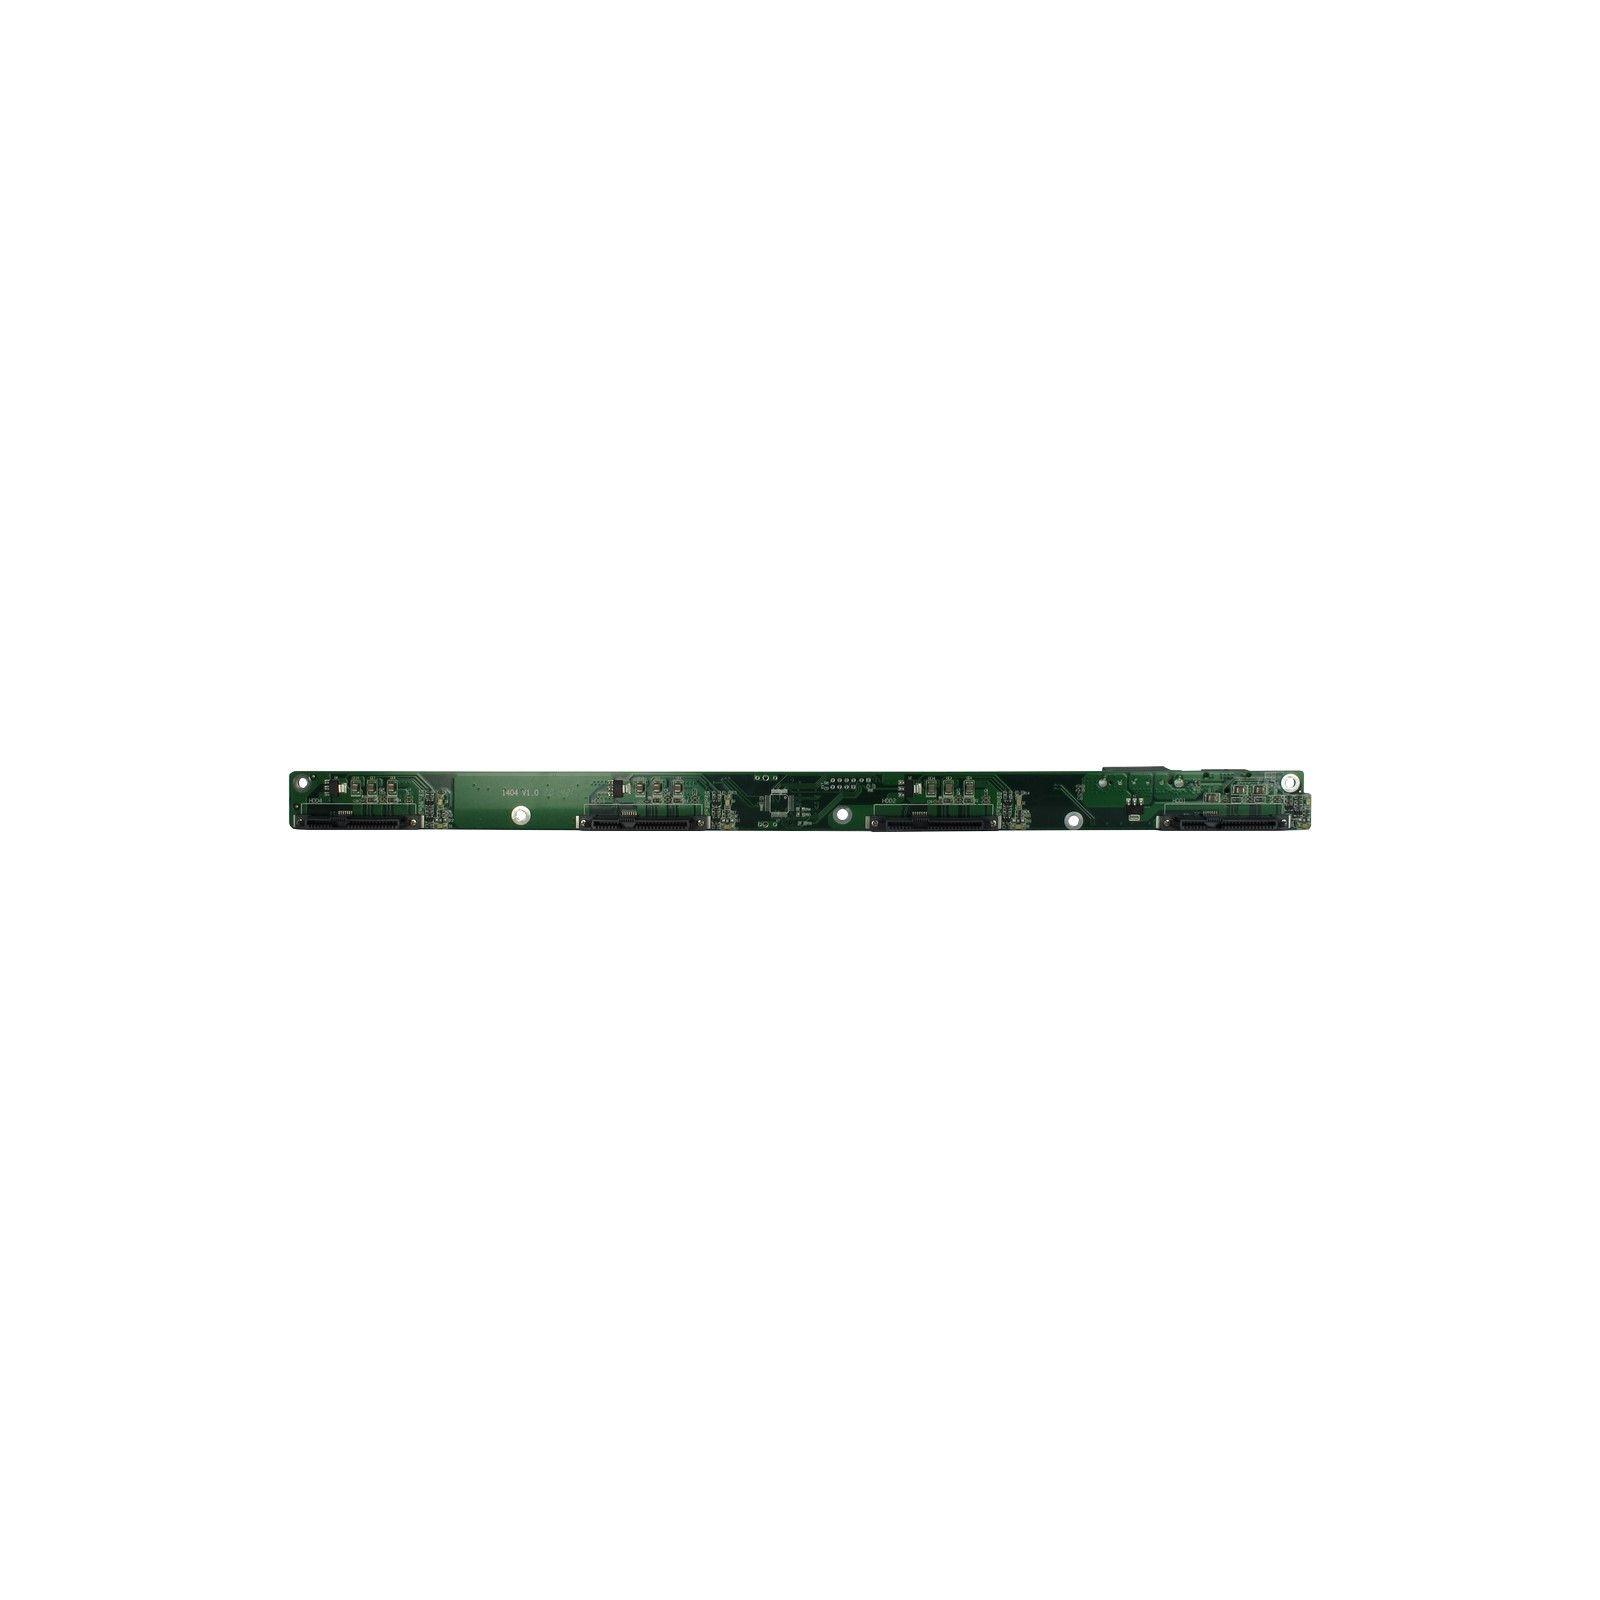 Корпус для сервера Inter-Tech 2U-2408 (456517) изображение 9